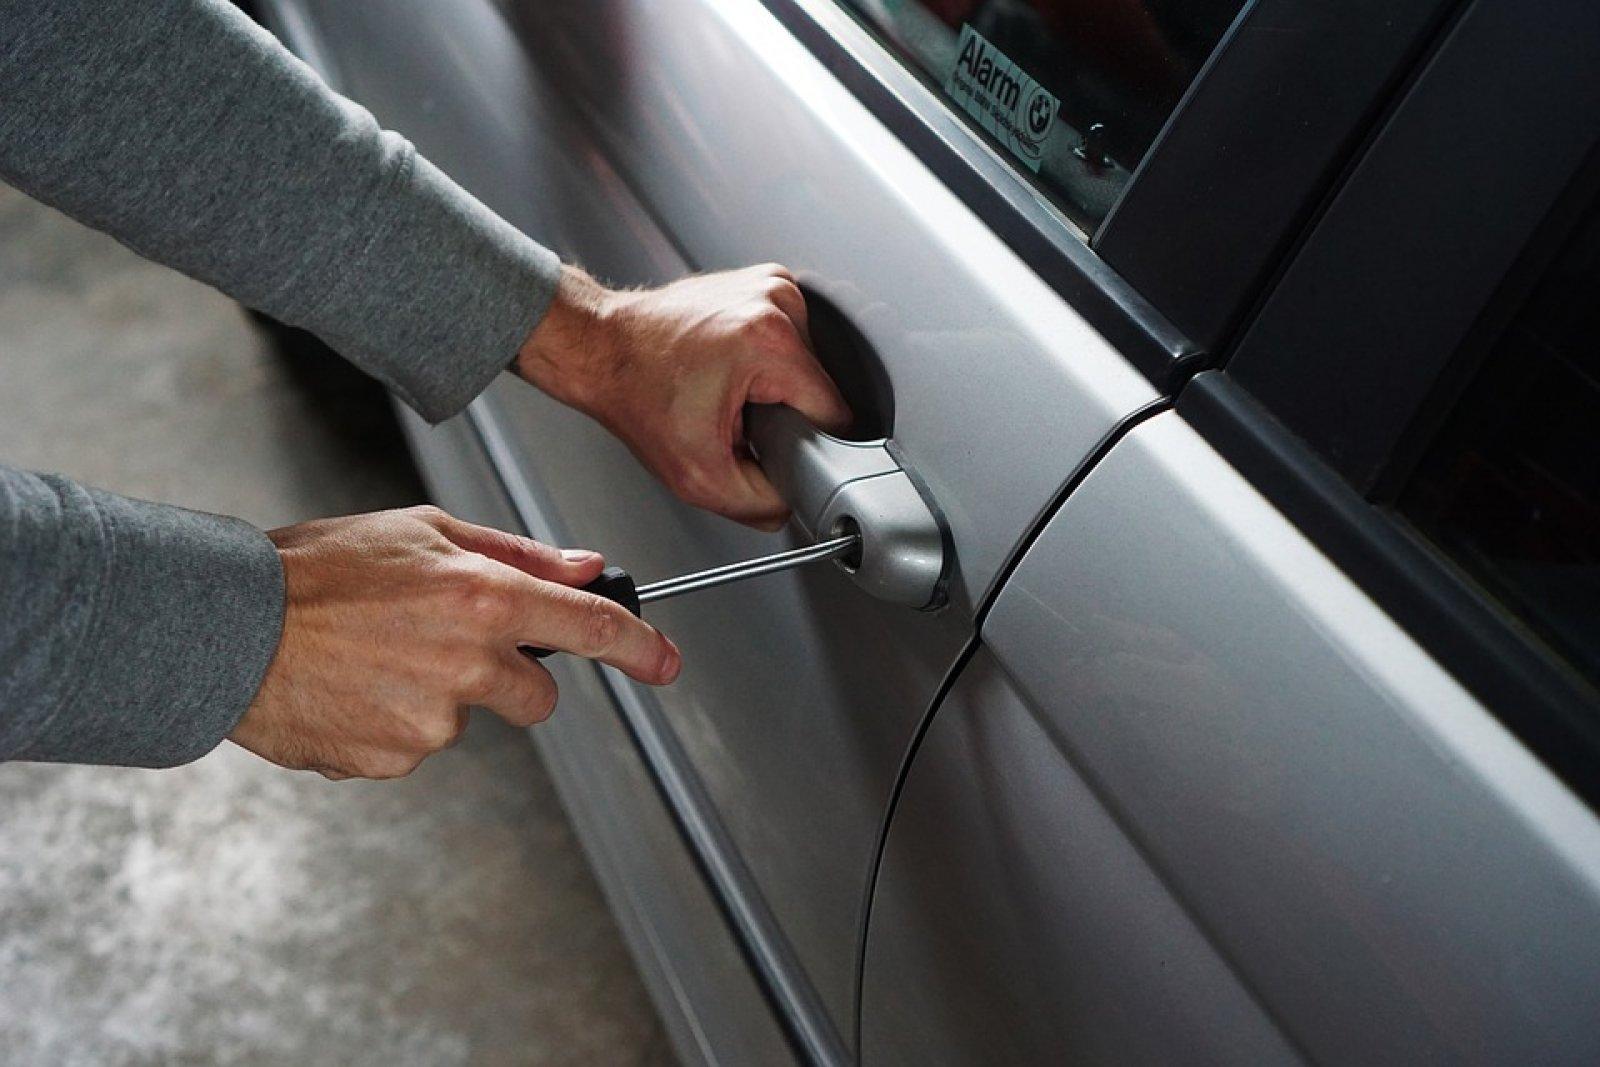 Un intent de robatori a un vehicle